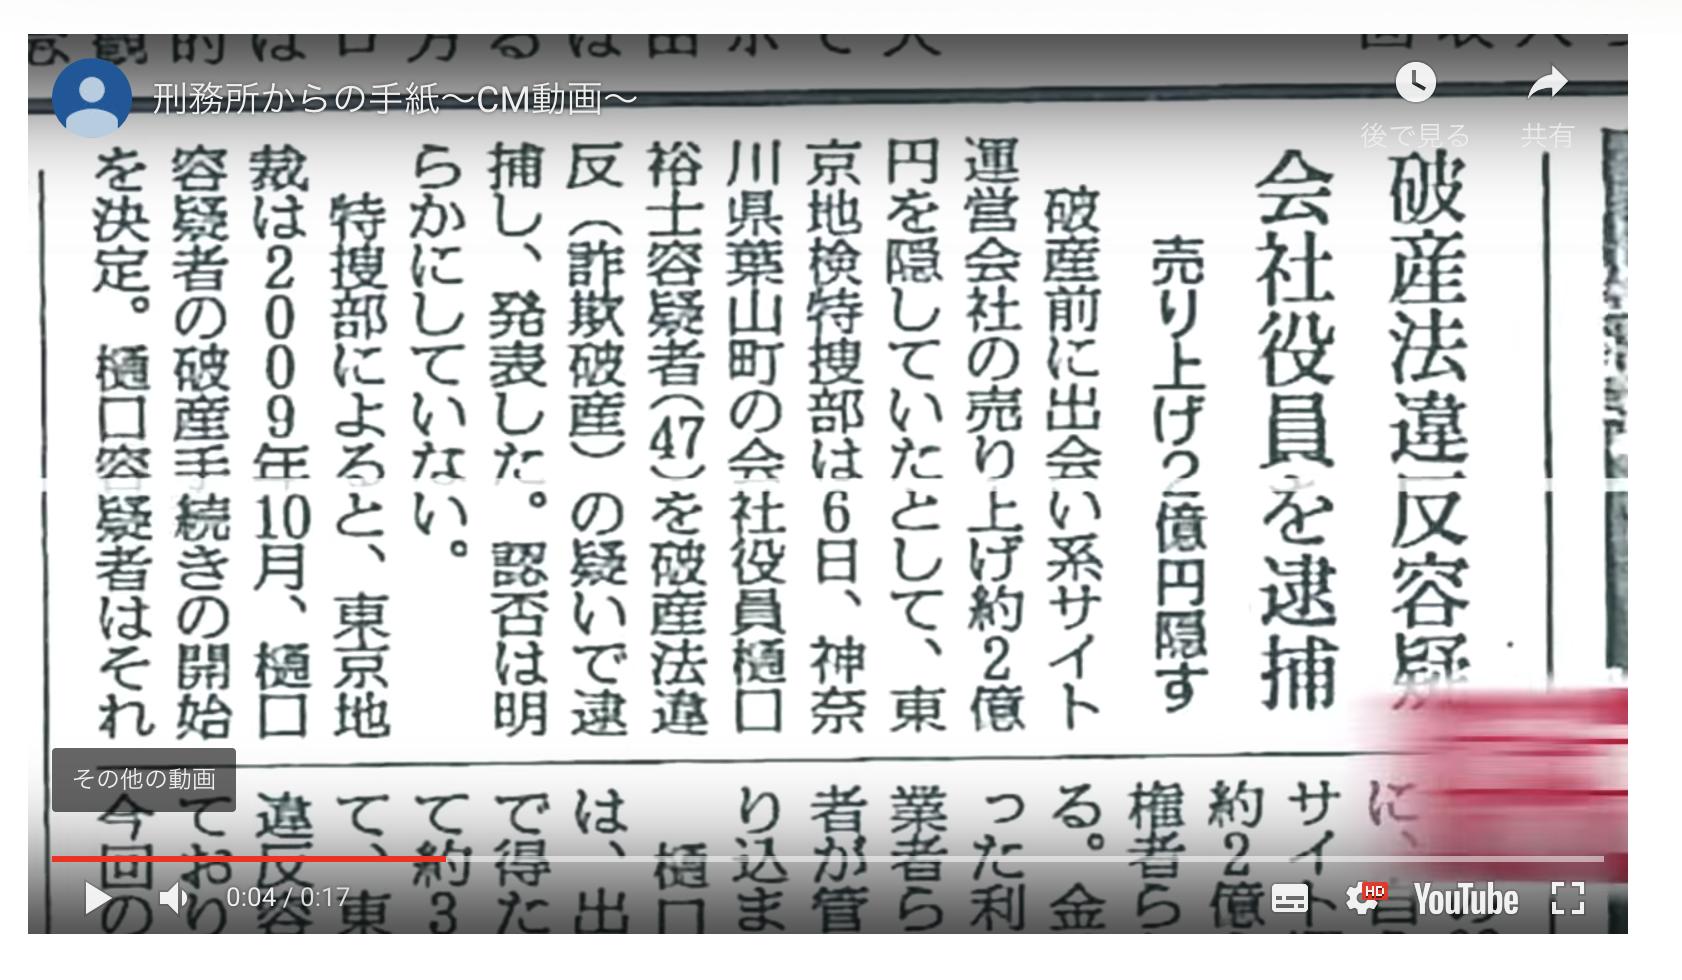 樋口裕士、真鍋健太の「刑務所からの手紙」逮捕